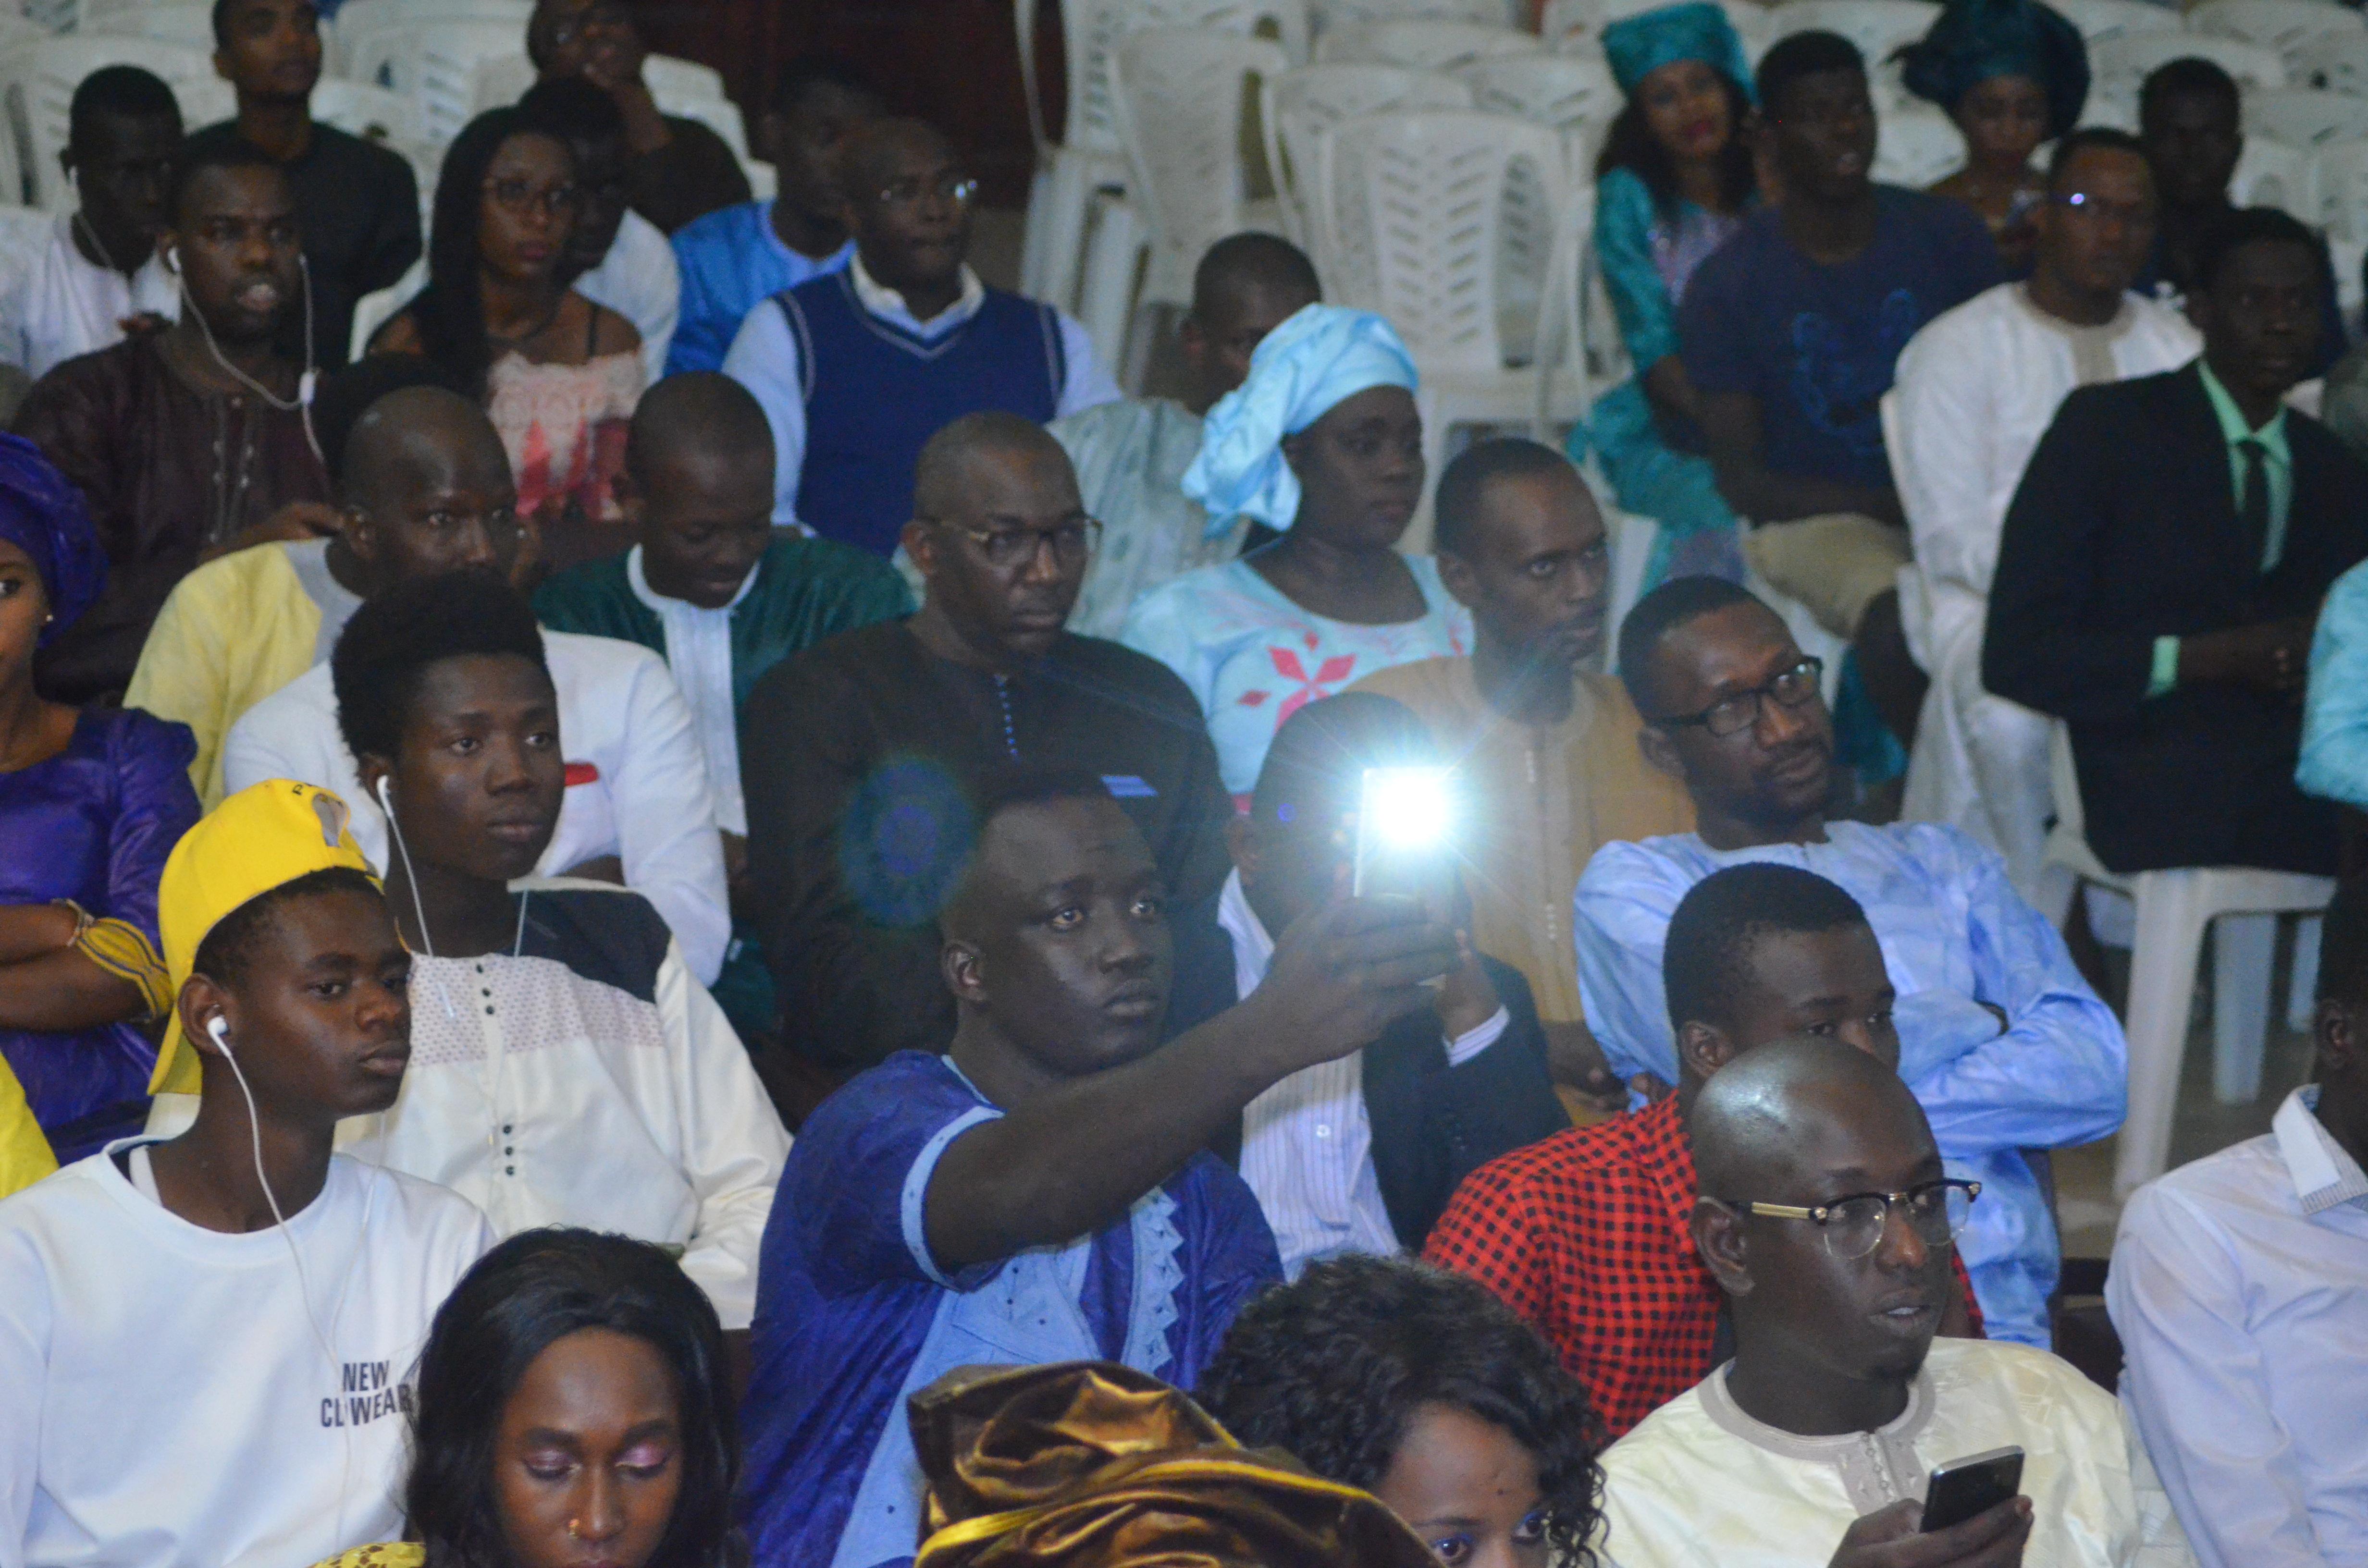 Première Edition soirée culturelle de l'Association Boyinadji Ma fierté de Bokidiawé, le parrain Bocar Abdoulaye Ly appelle à l'union des cœurs (25)